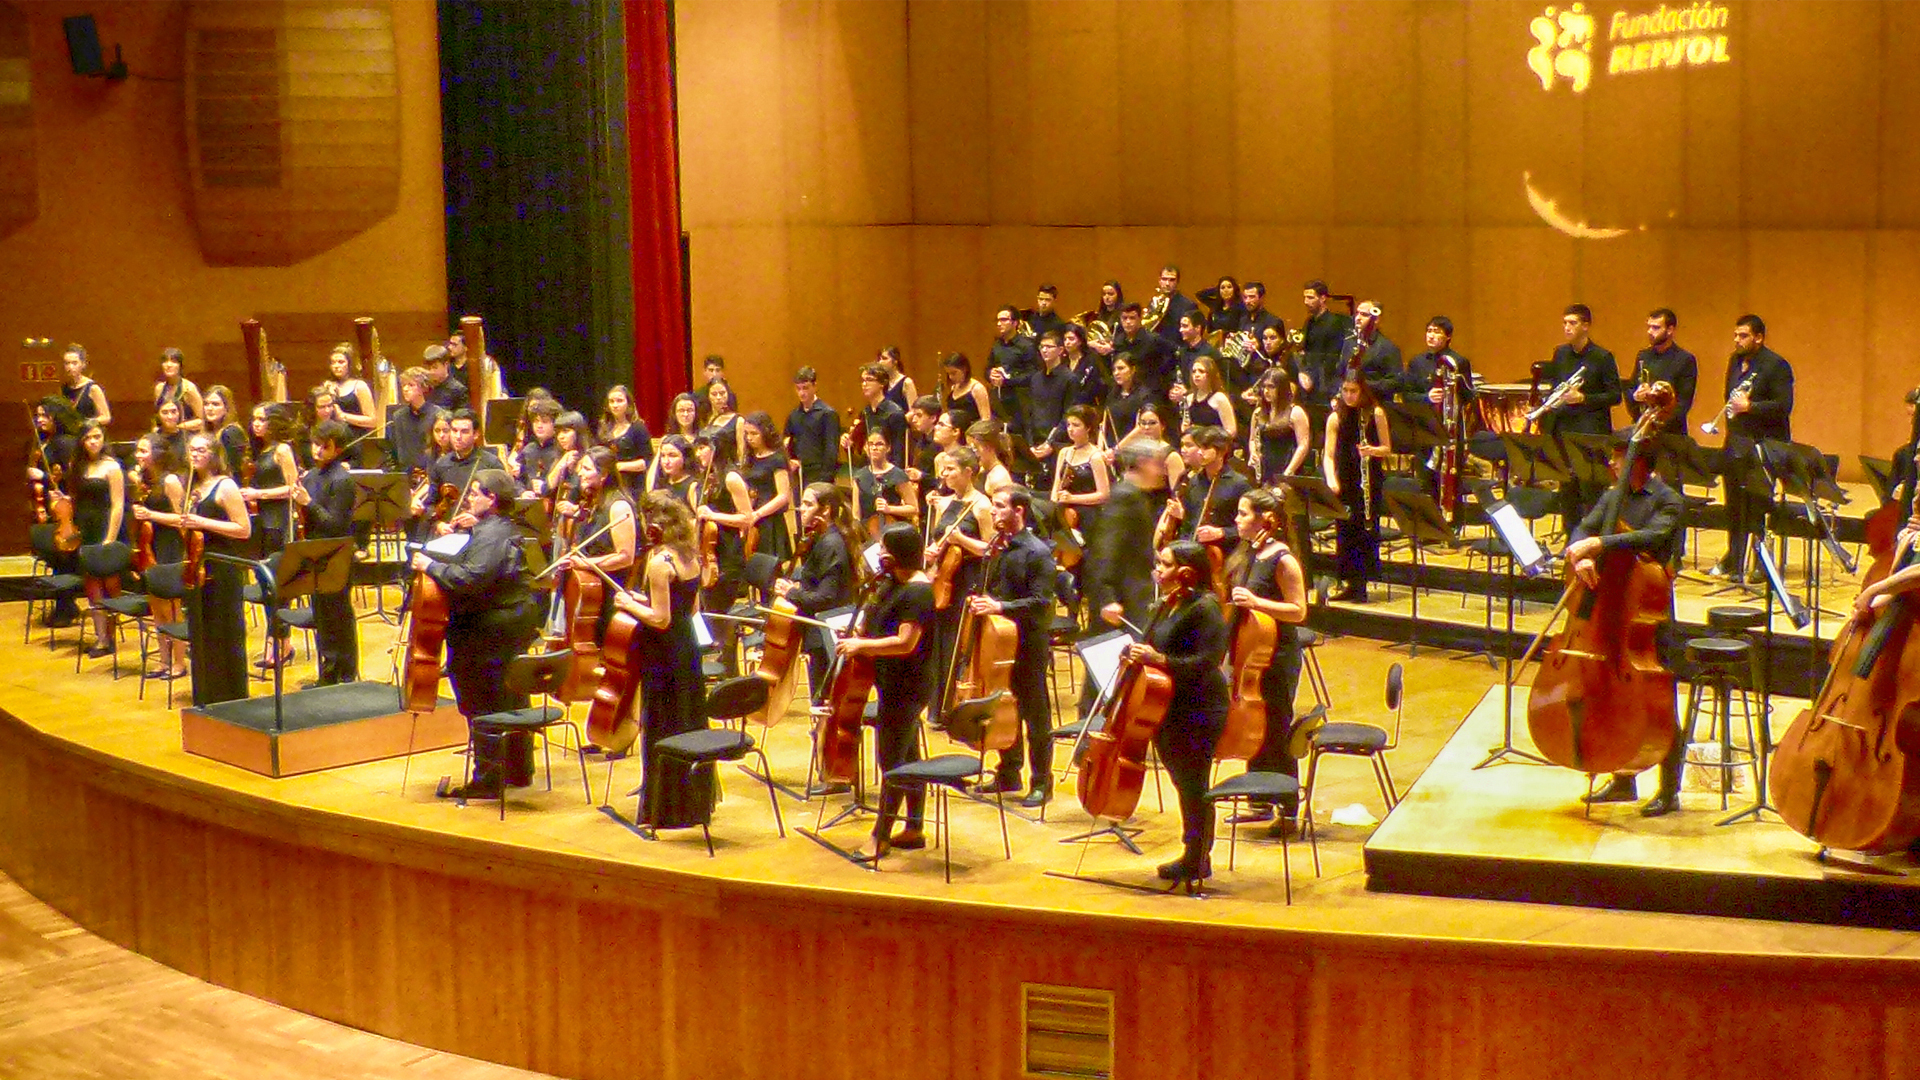 La Orquesta Joven de la Sinfónica de Galicia publica el listado de admitidos para las pruebas de acceso del curso 15-16